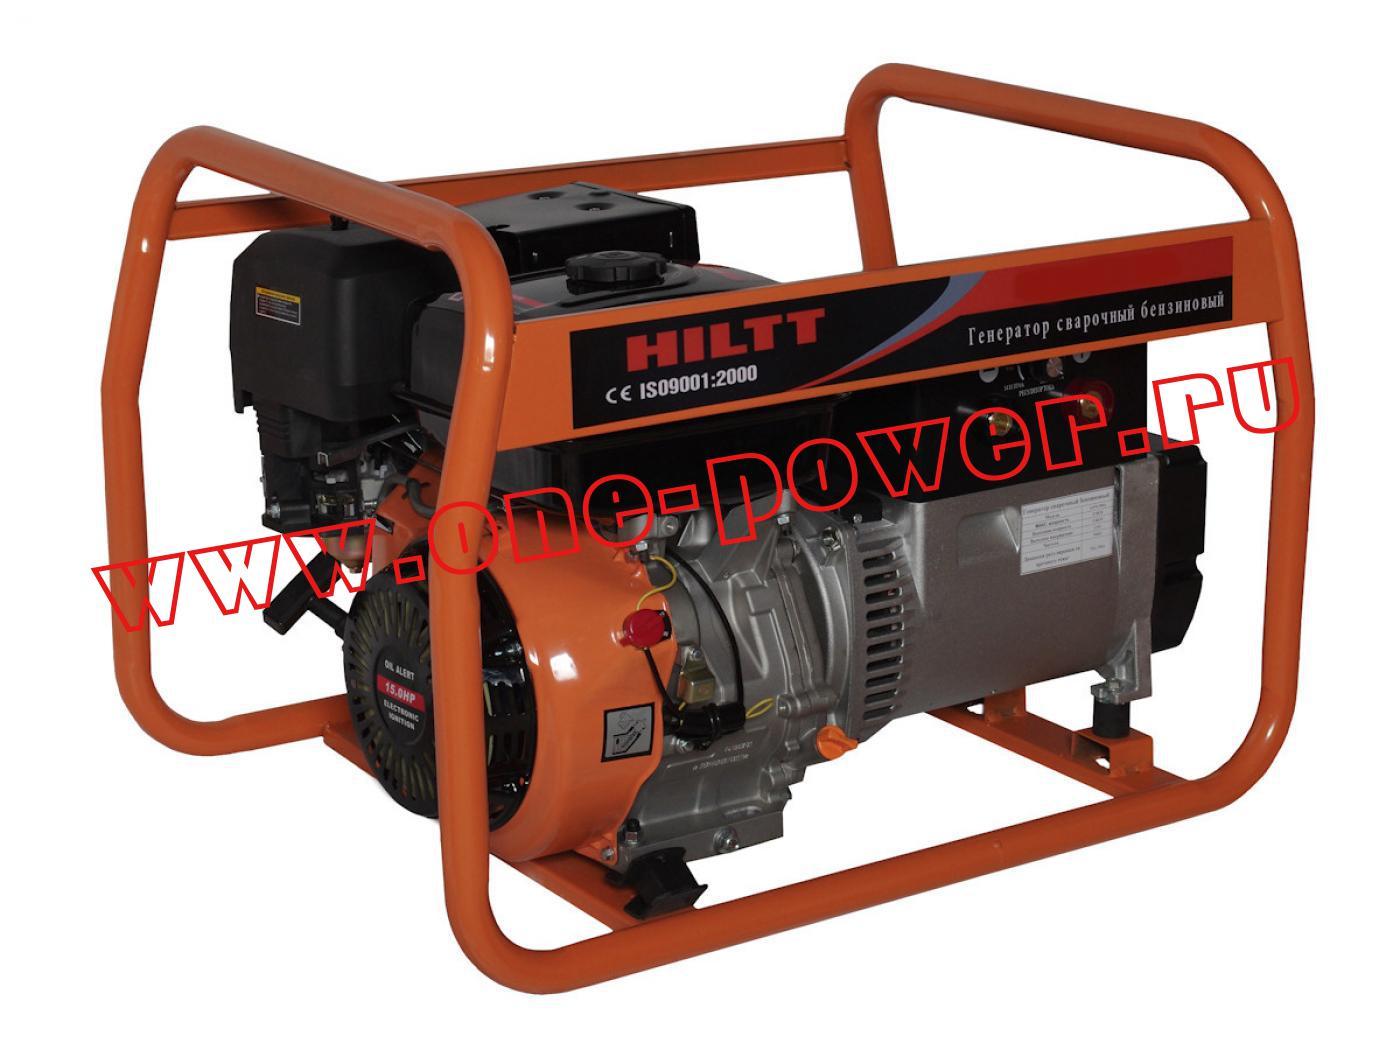 Бензиновый генератор Hiltt GFW 190 A